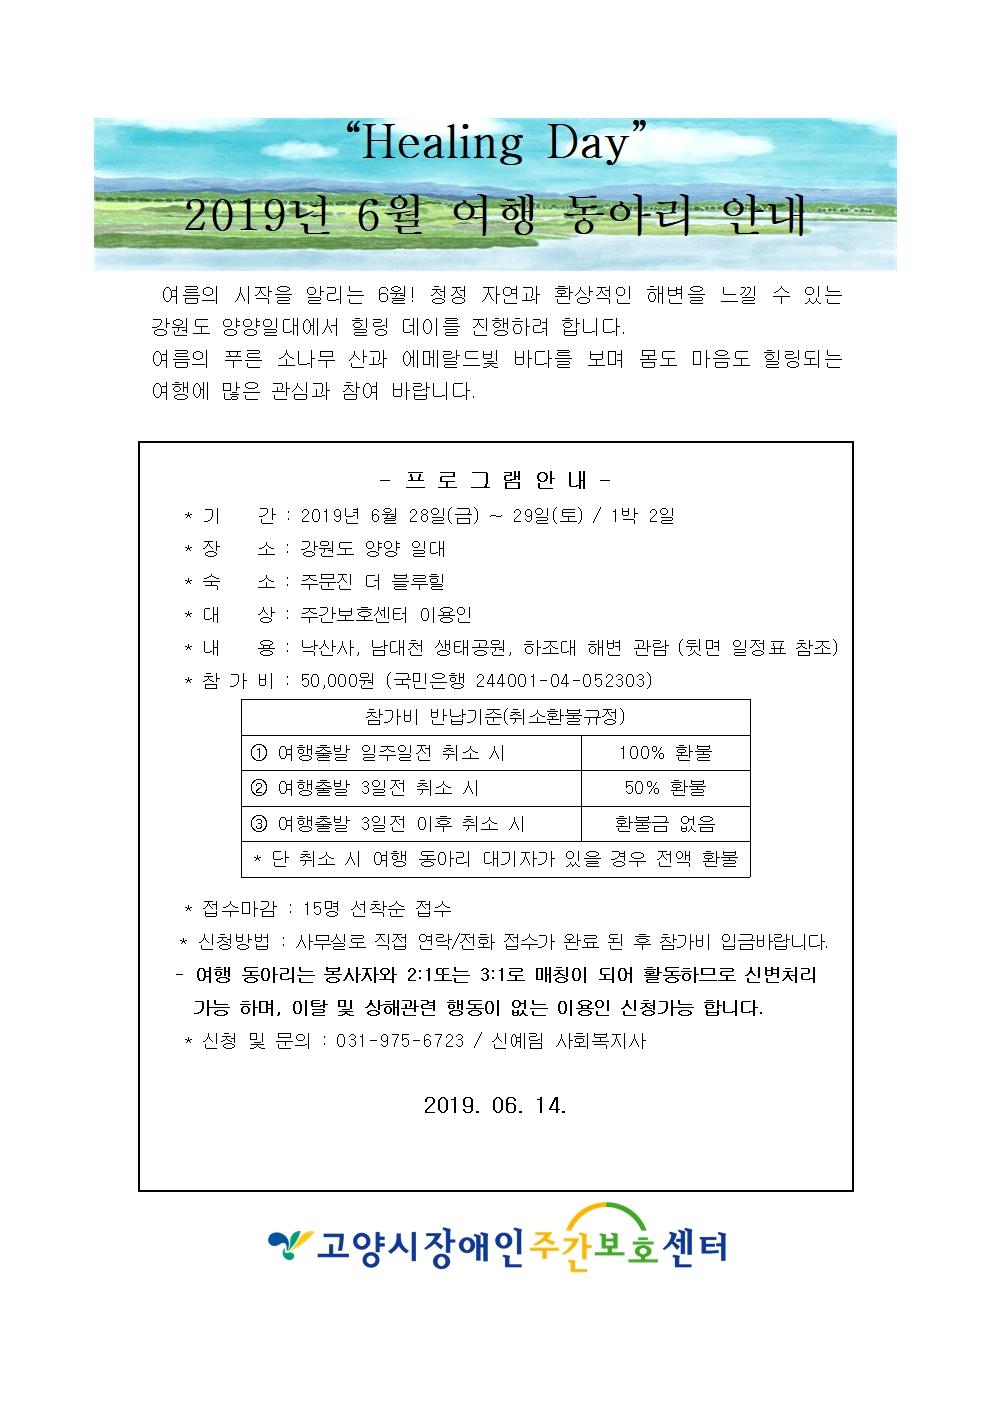 201906-건강증진사업-여행동아리-가정통신문001.jpg